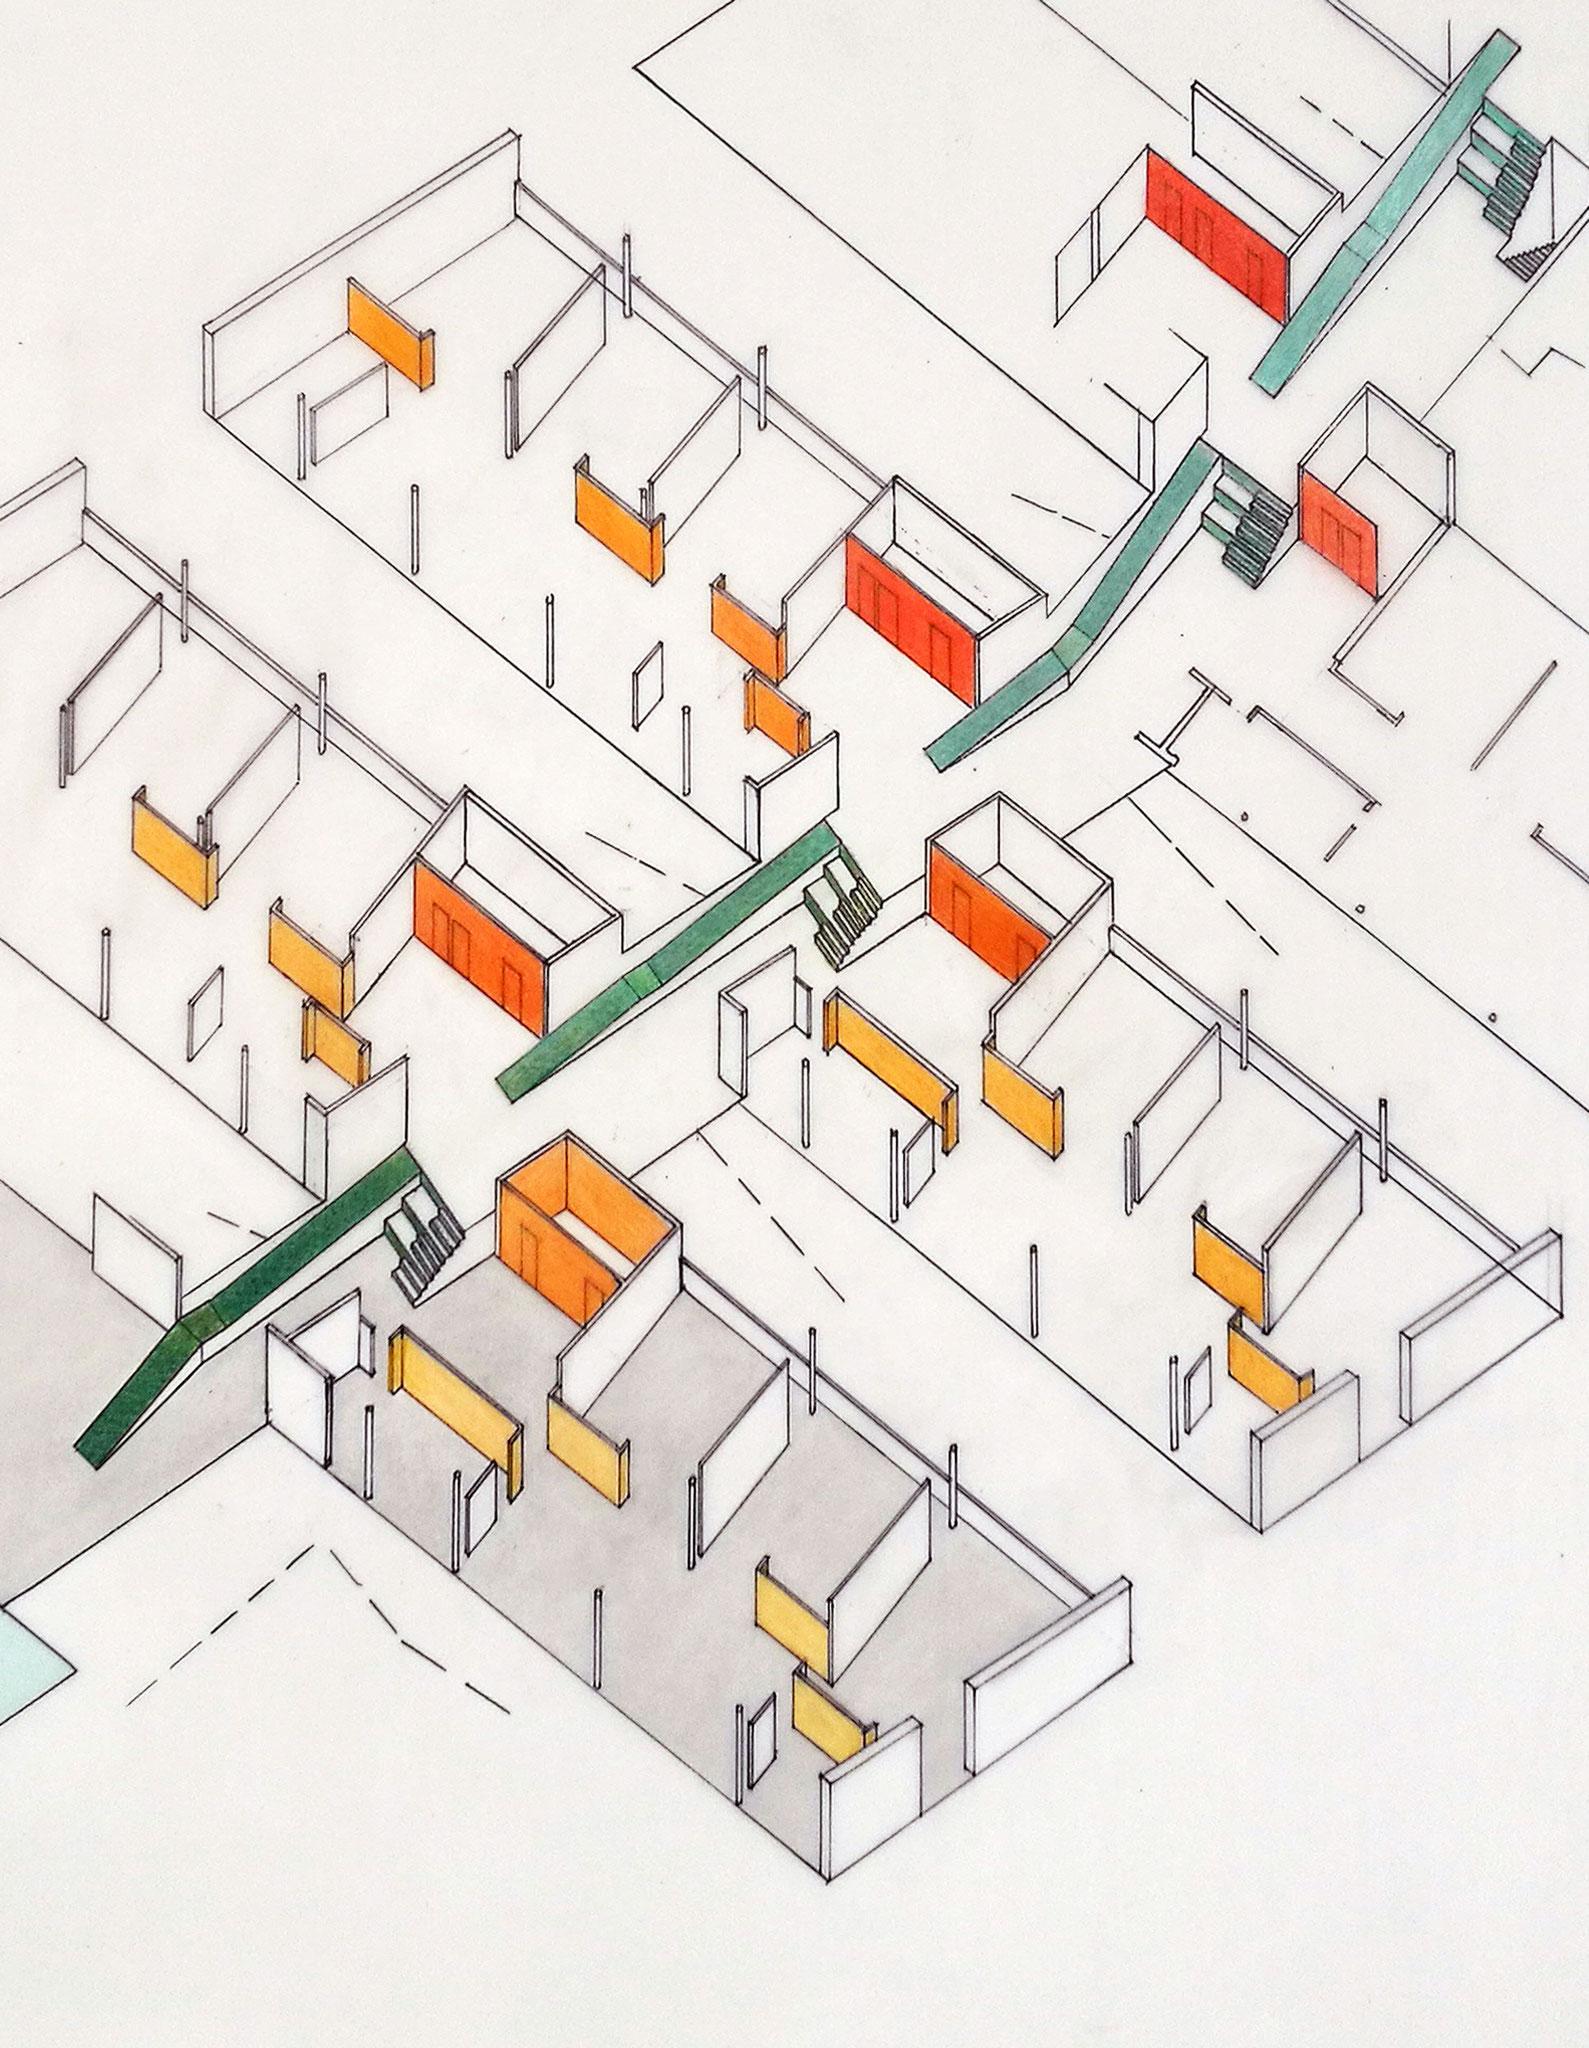 Cluster und Dorfstrasse, Farben von Wänden und Böden, Entwurf, Axonometrie